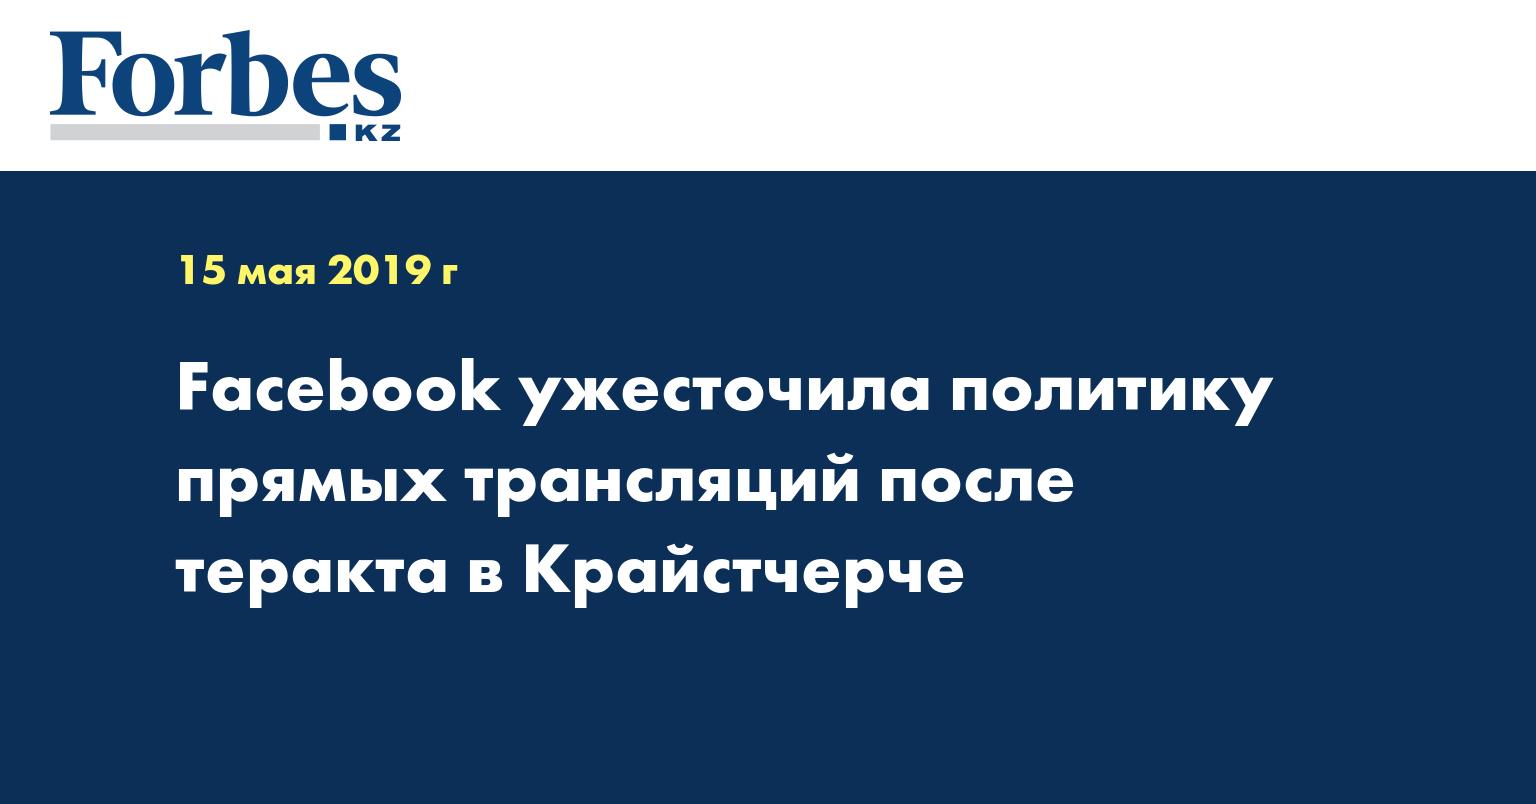 Facebook ужесточила политику прямых трансляций после теракта в Крайстчерче